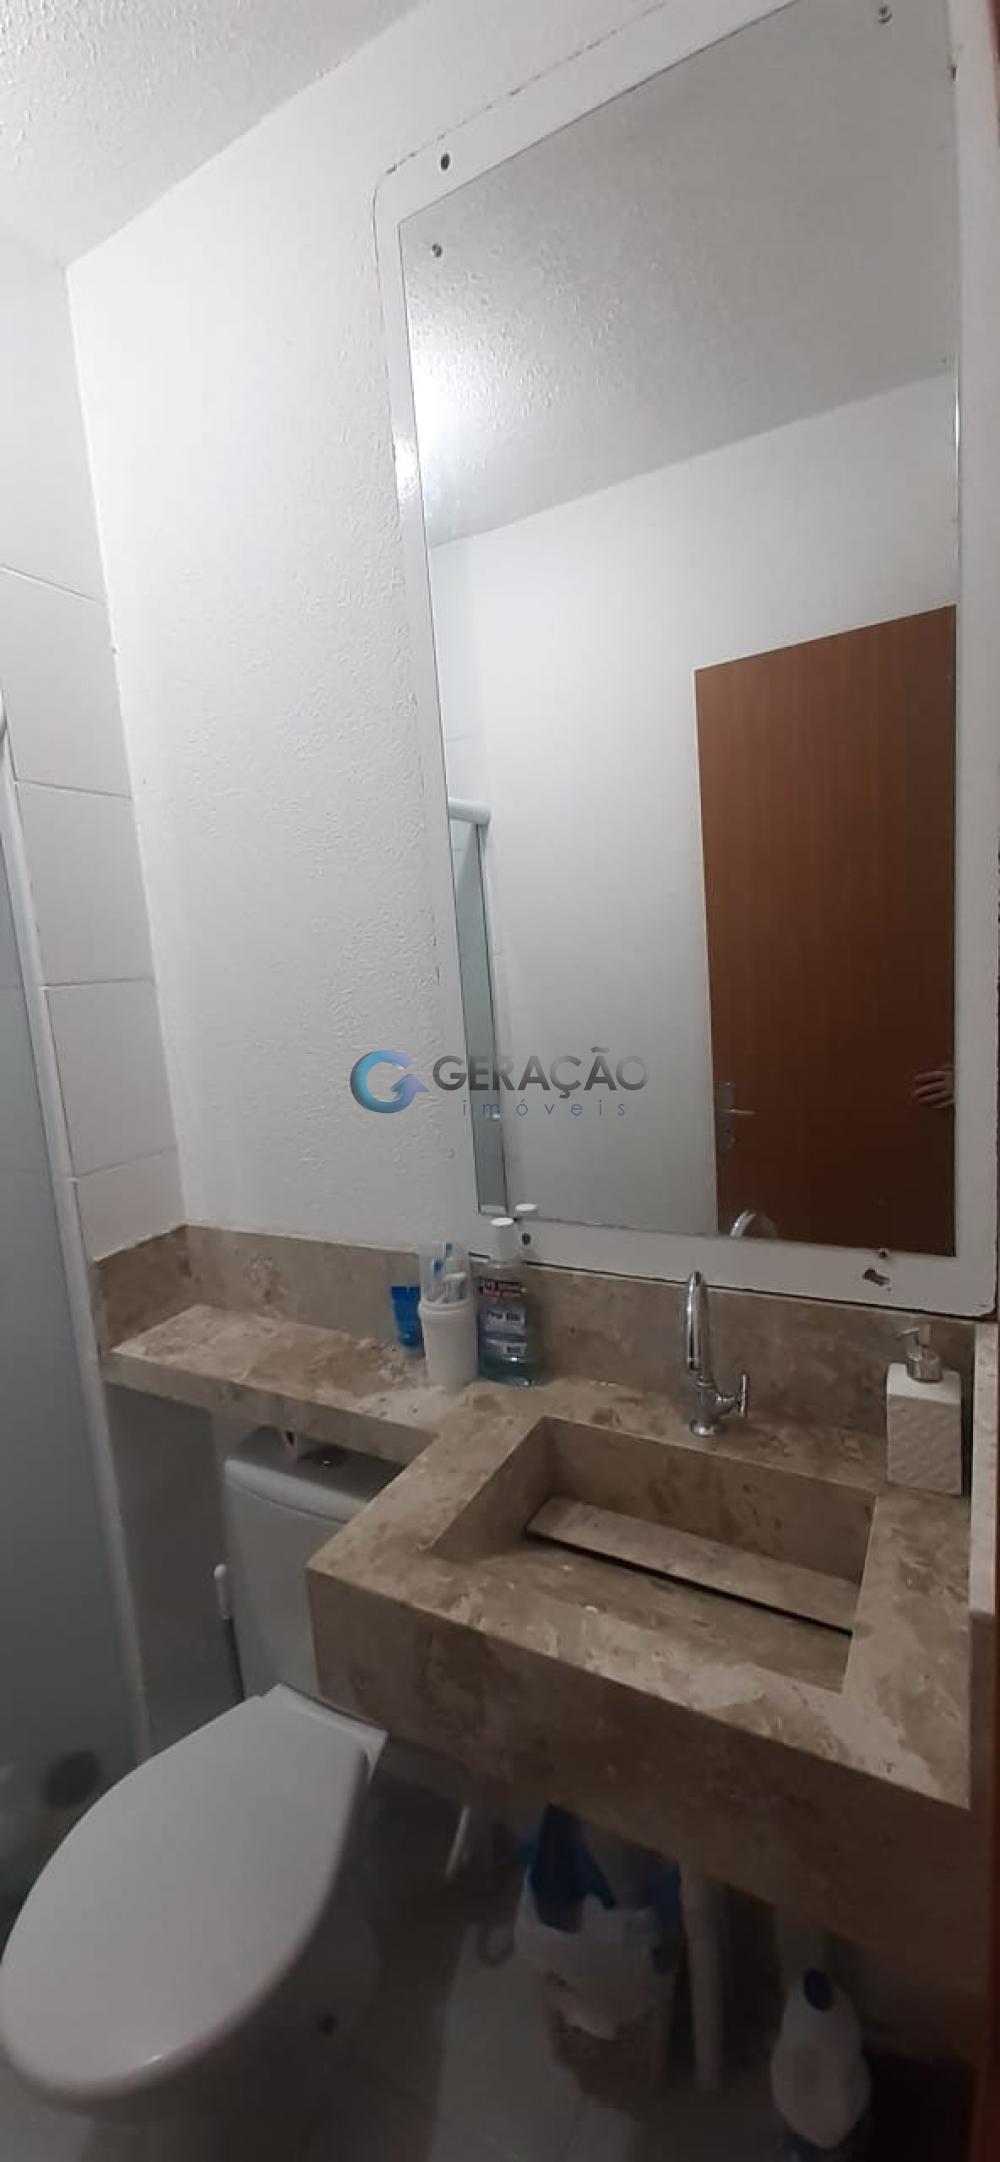 Comprar Apartamento / Padrão em São José dos Campos R$ 170.000,00 - Foto 8